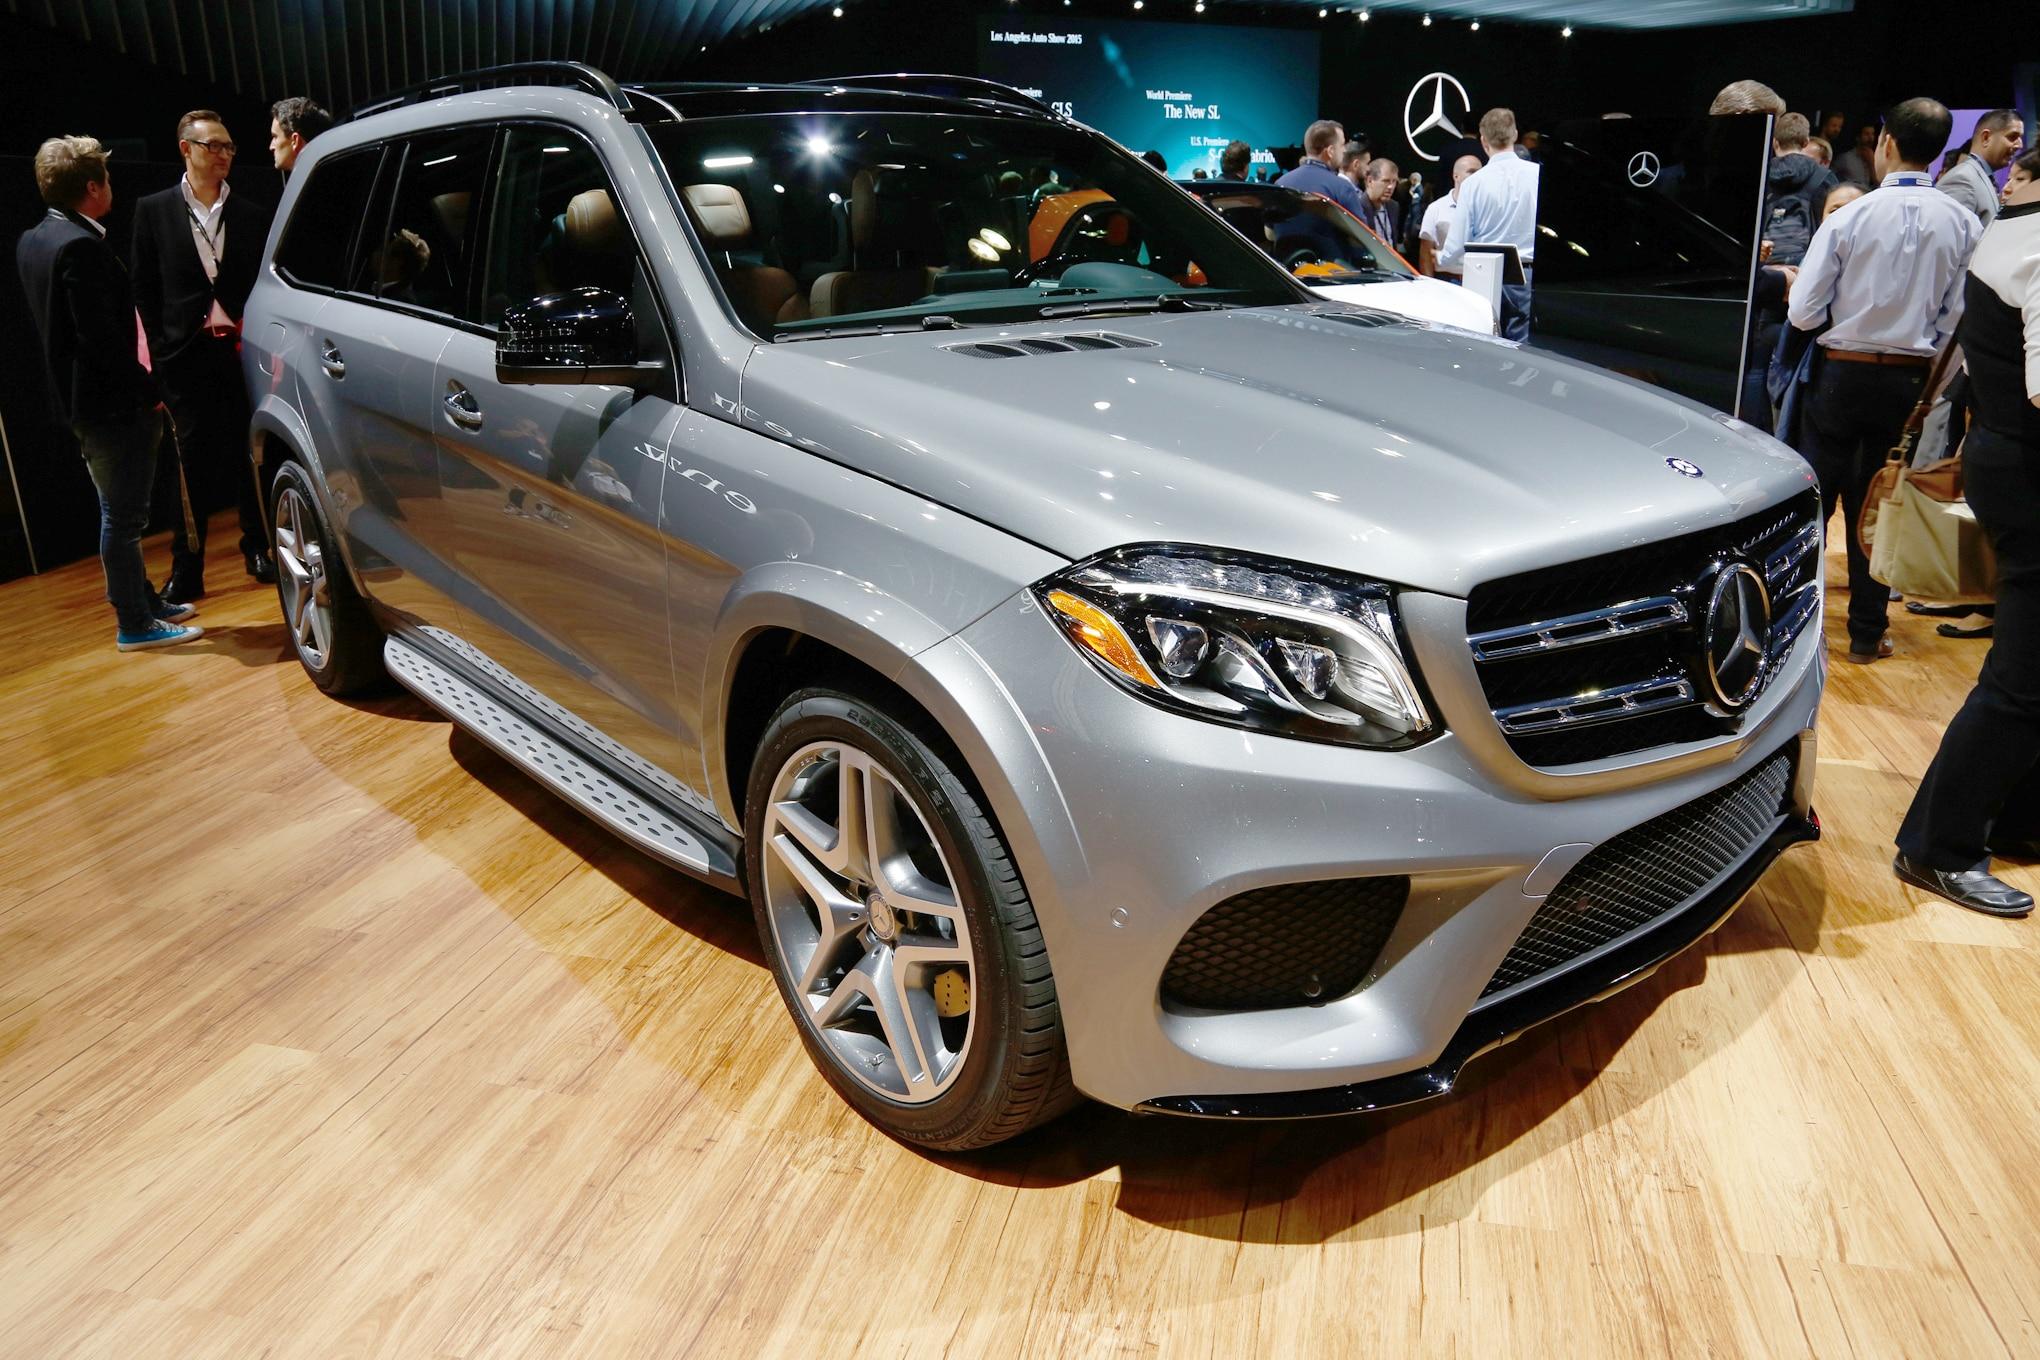 Mercedes Benz Gls450 >> 2017 Mercedes-Benz GLS Replaces GL, Adds Nine-Speed